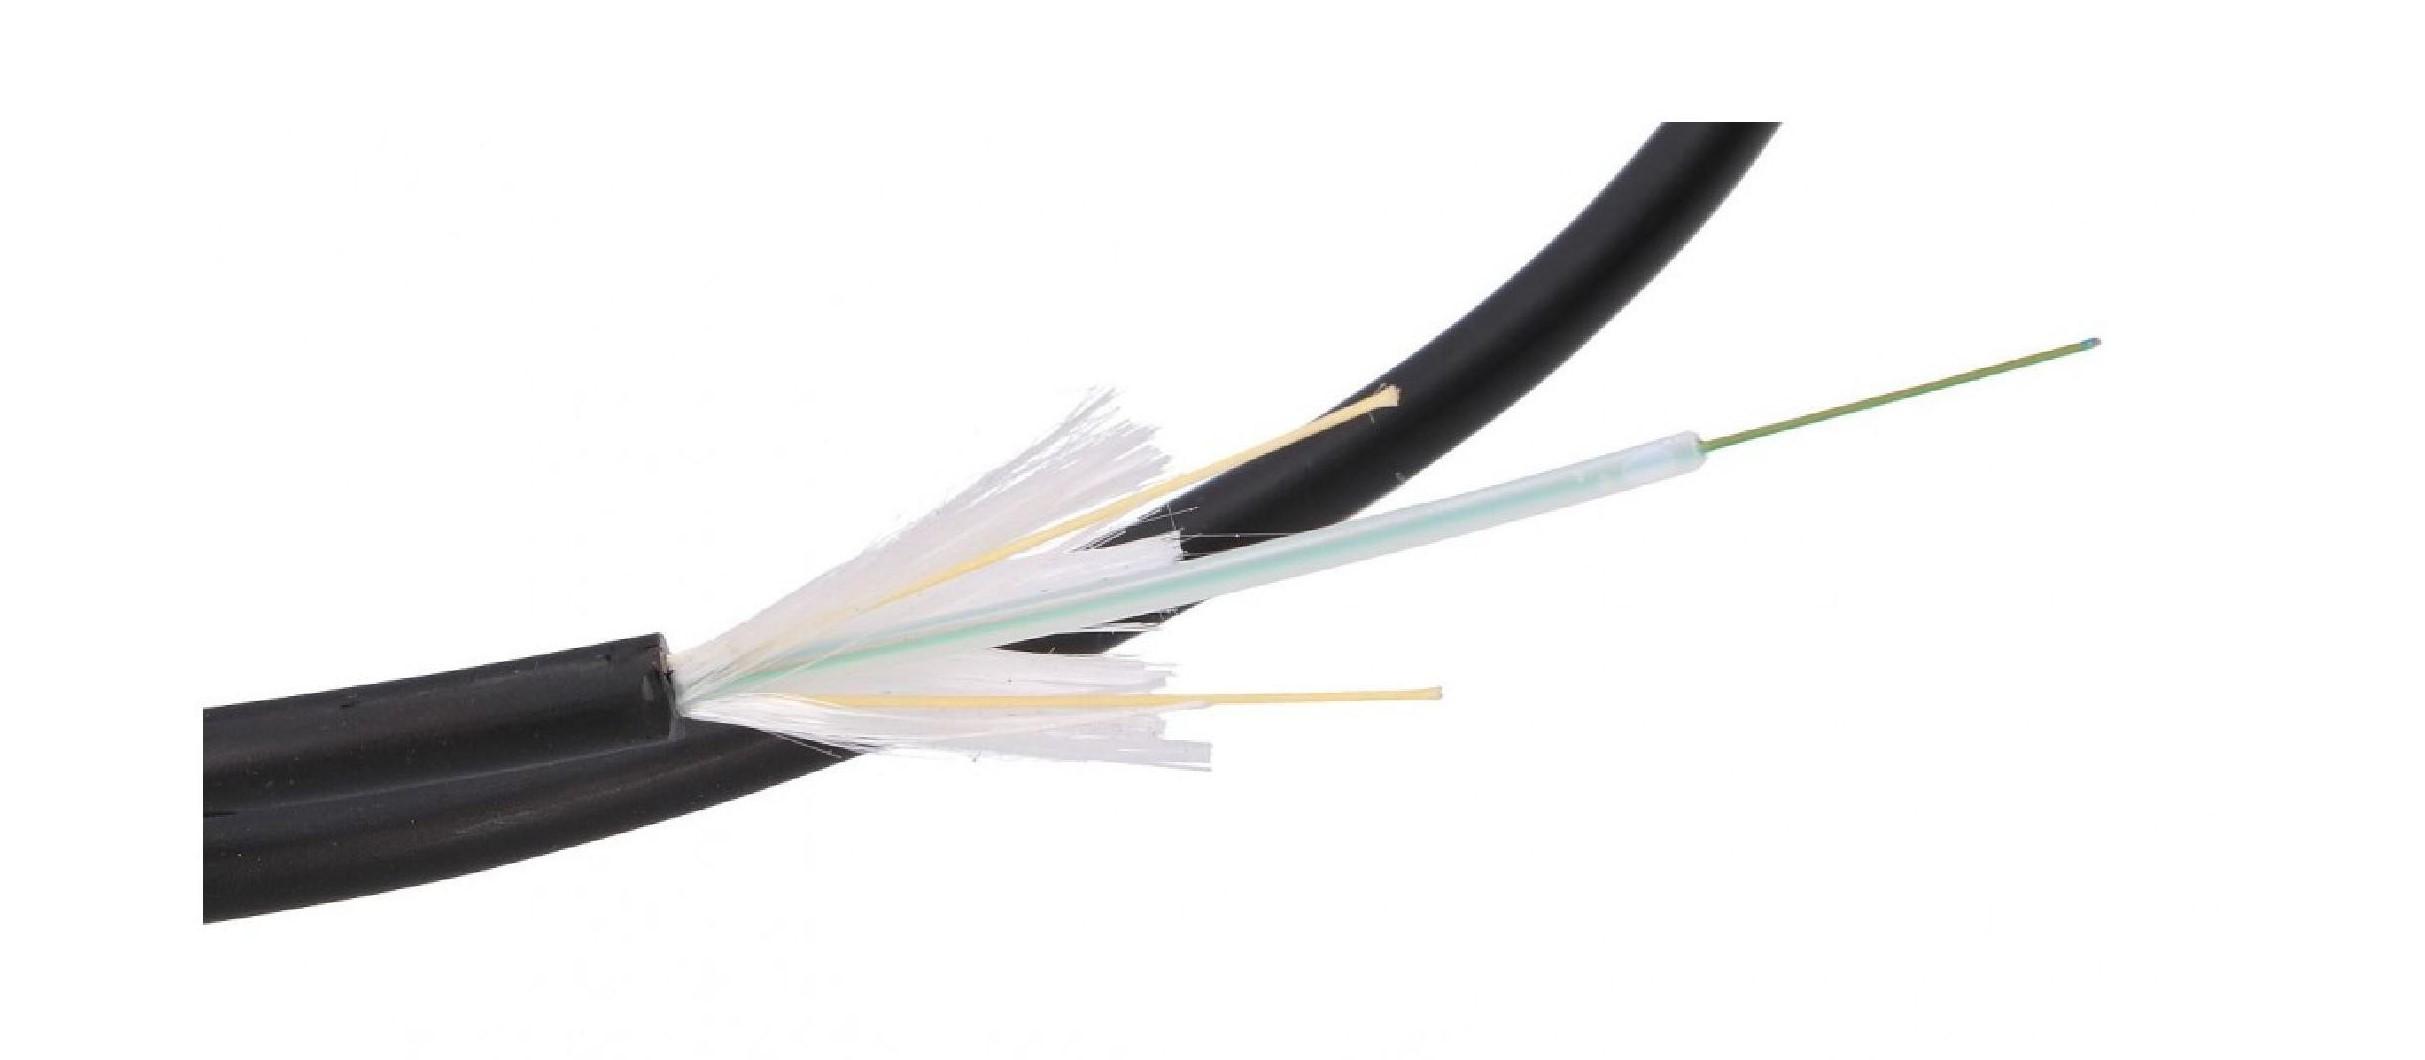 Fiber optics cable SM 4FO 9 125 G.652D 0,5KN